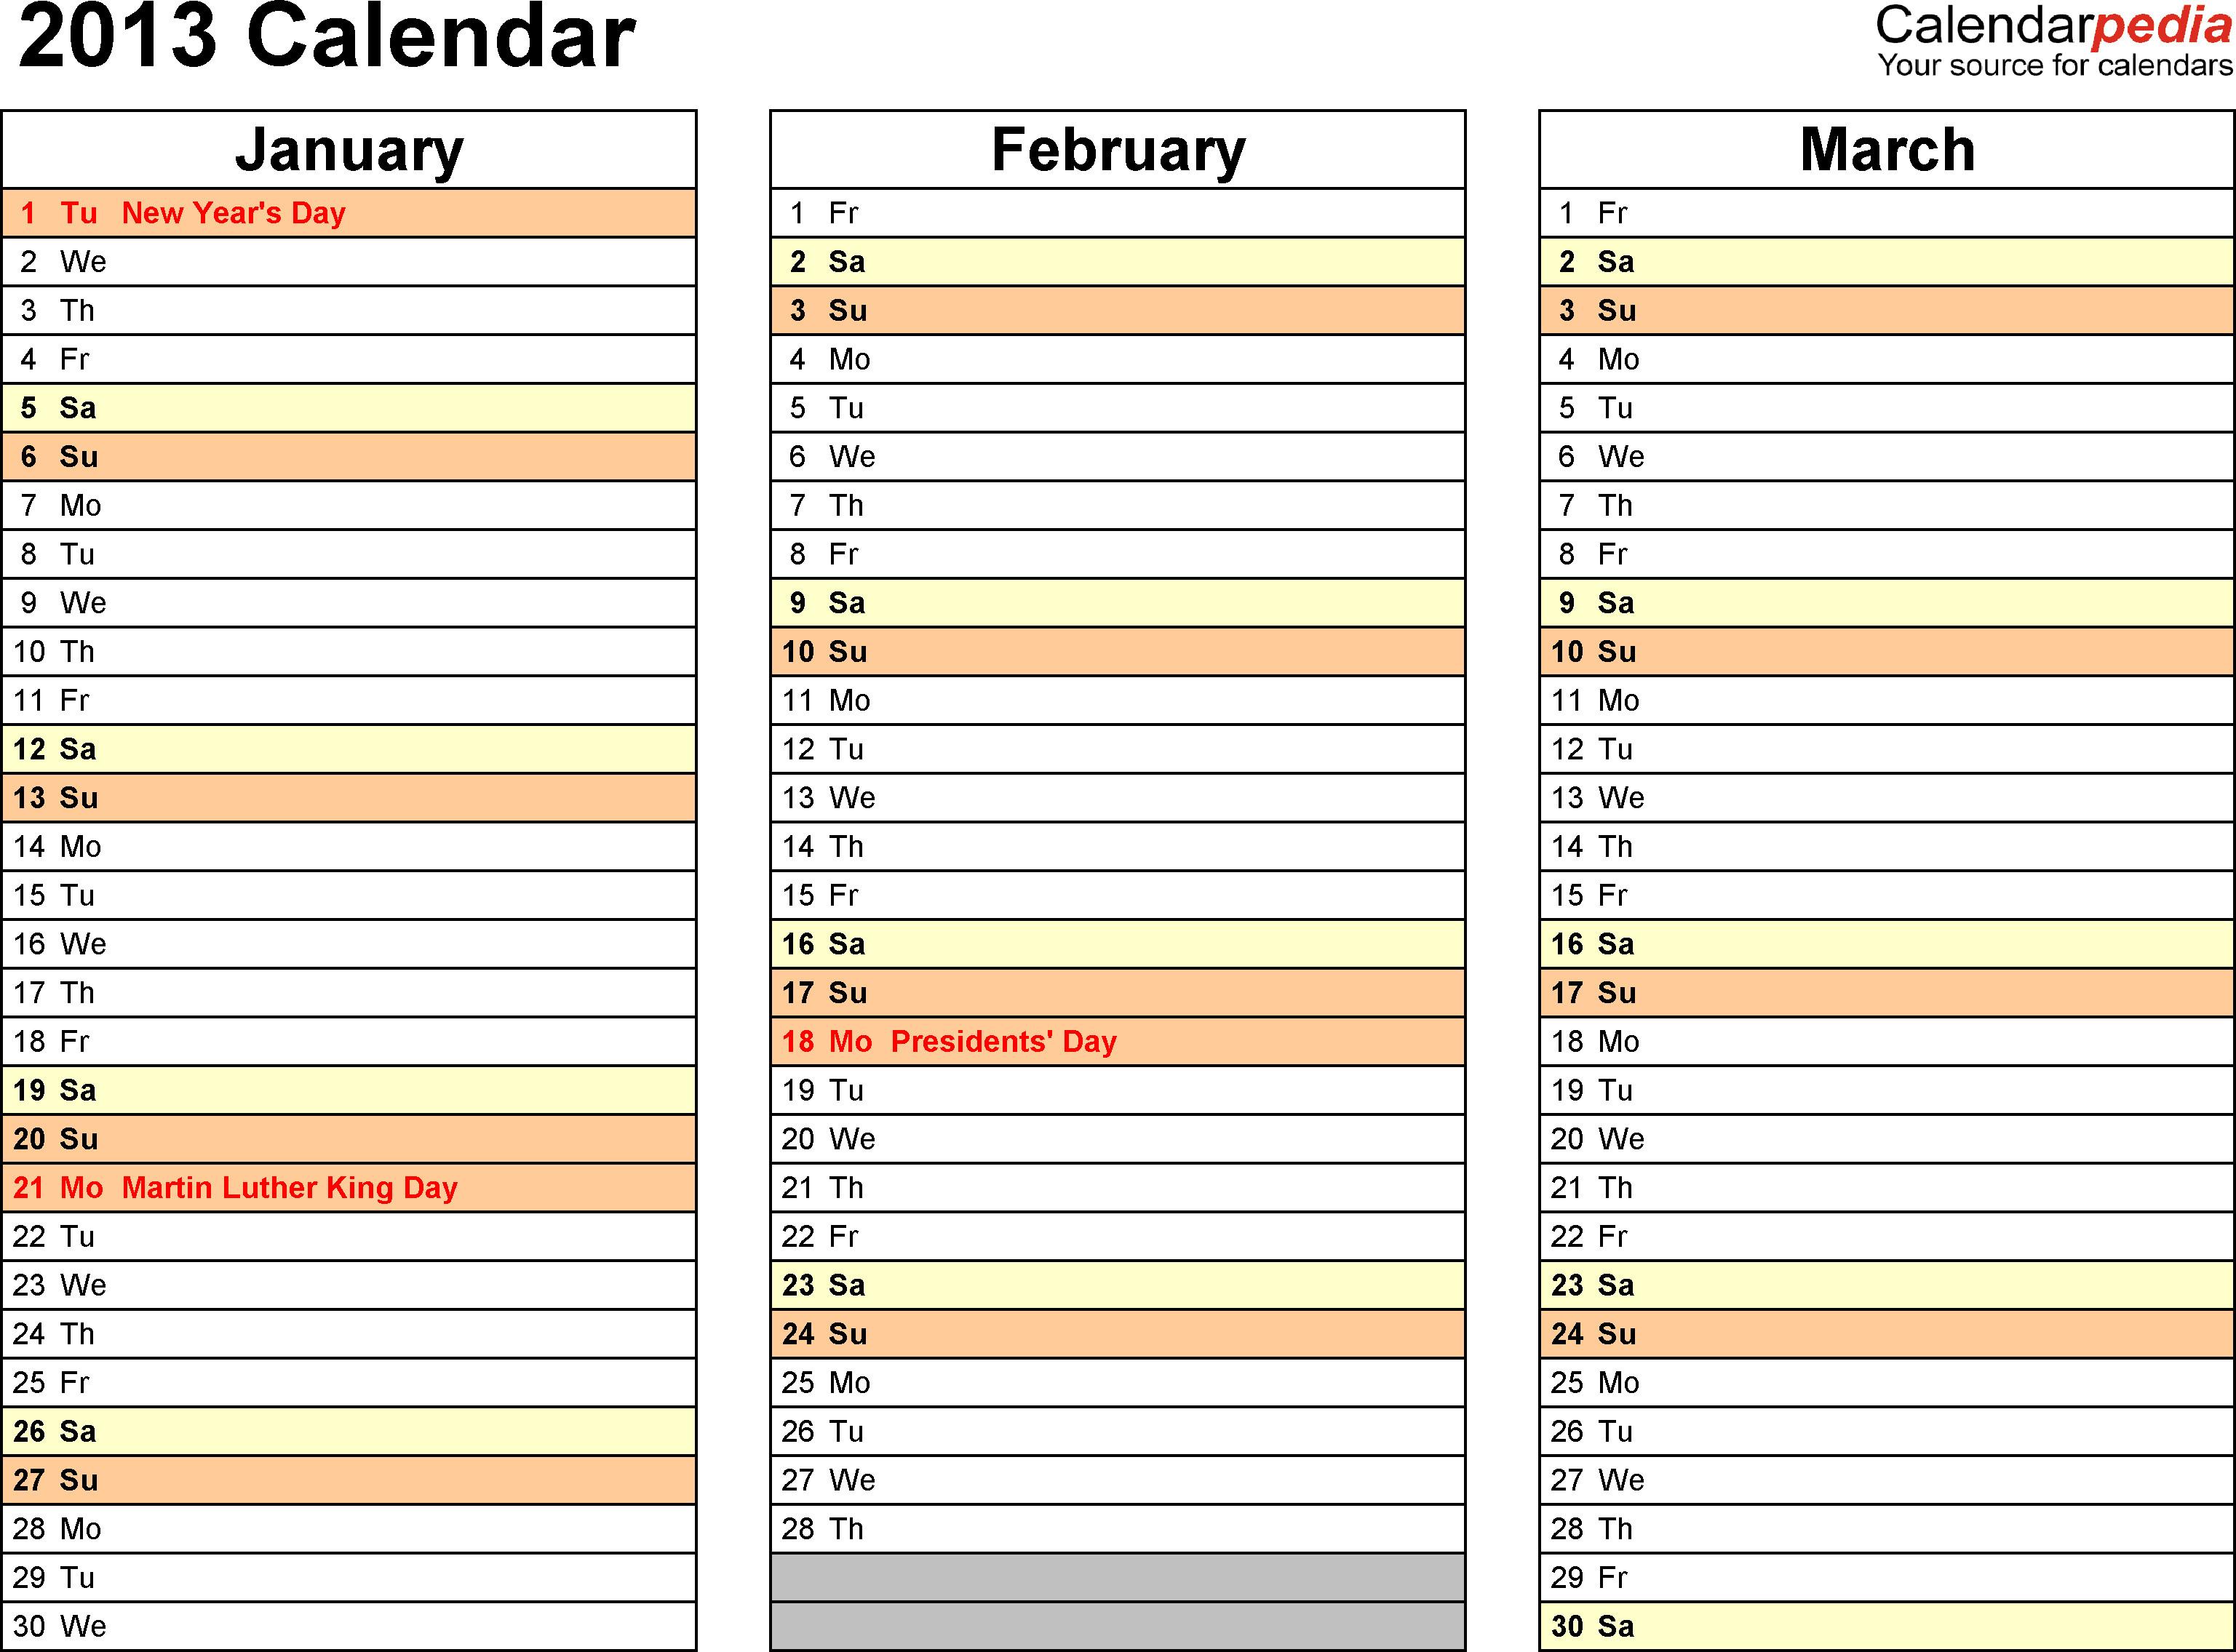 Calendar Template for Word Free Calendar Template 2013